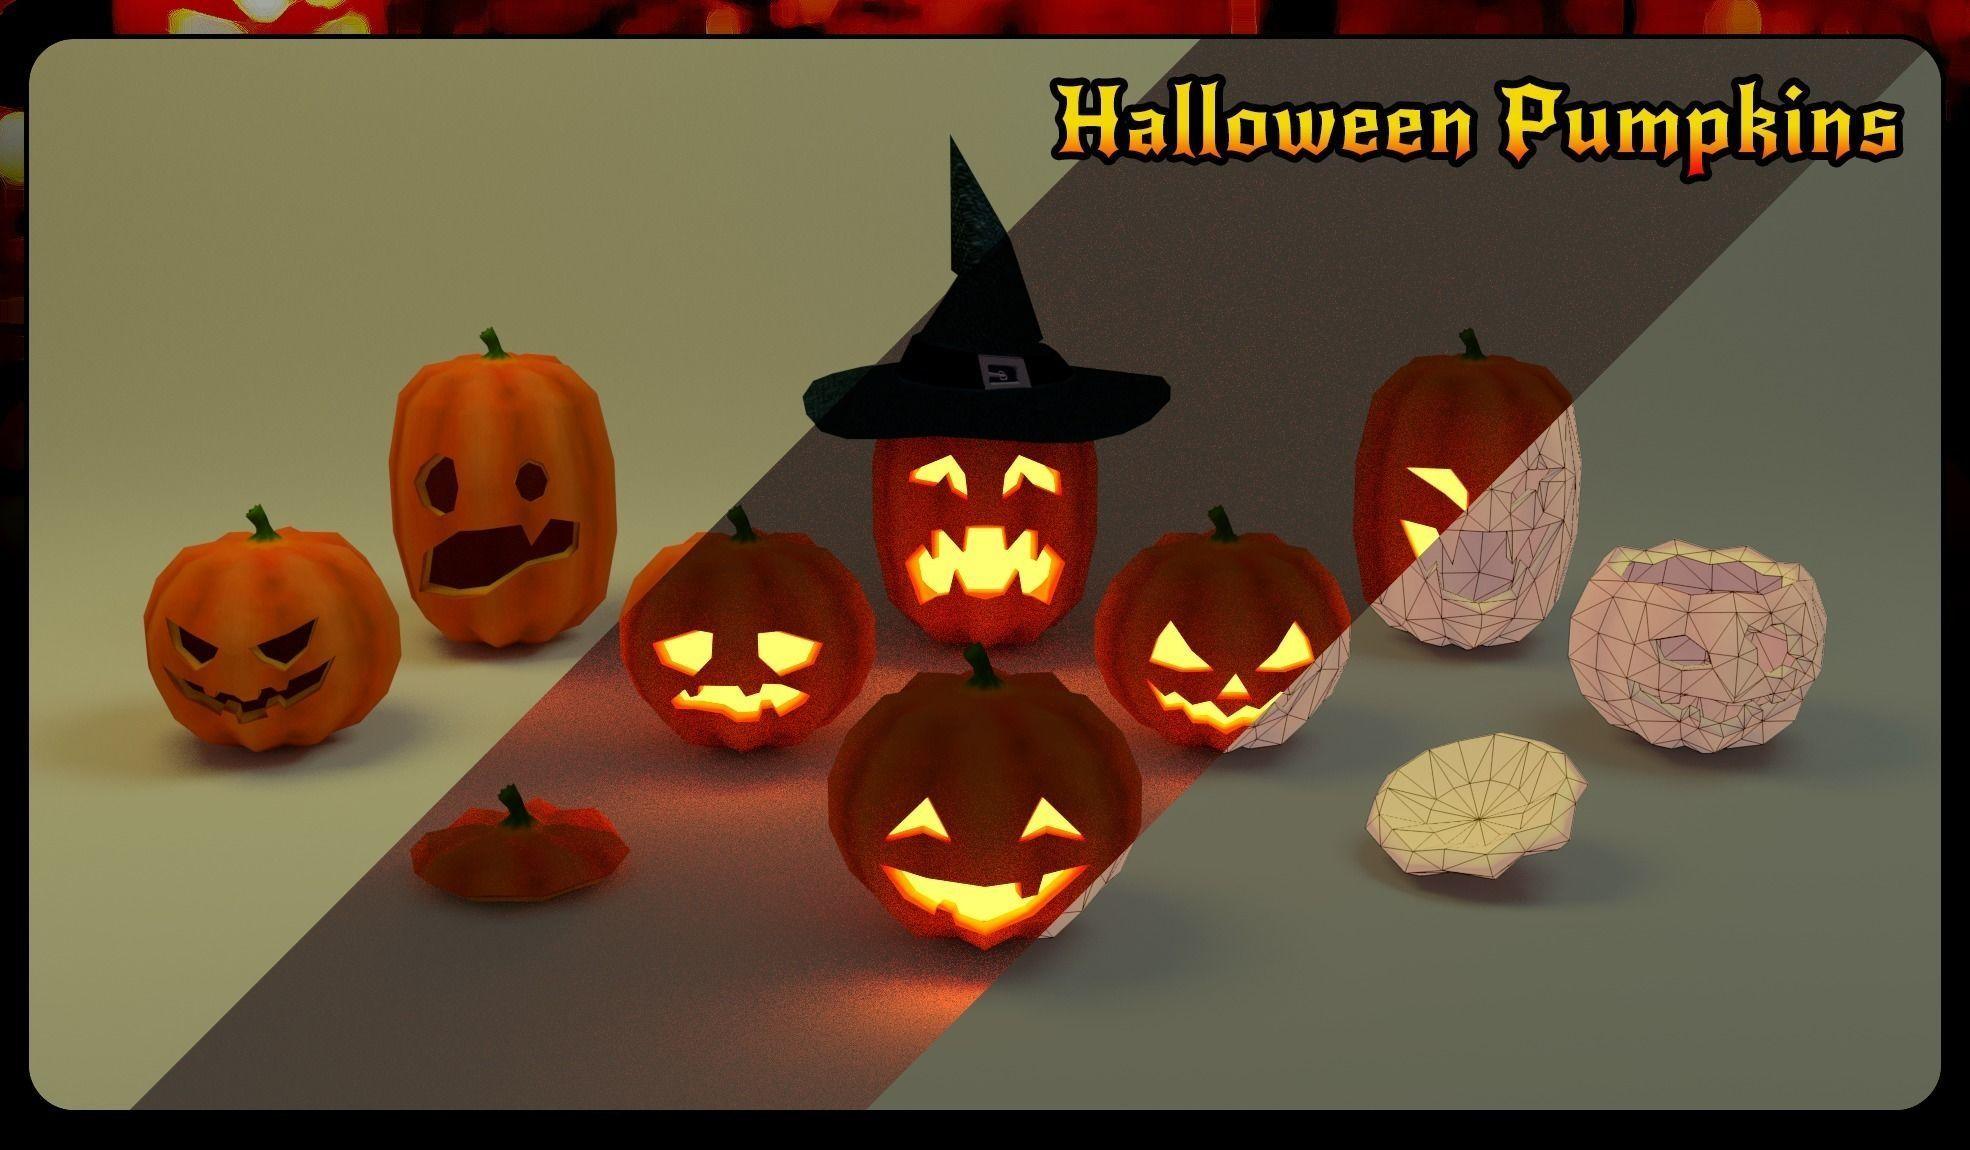 Halloween pumpkins pack